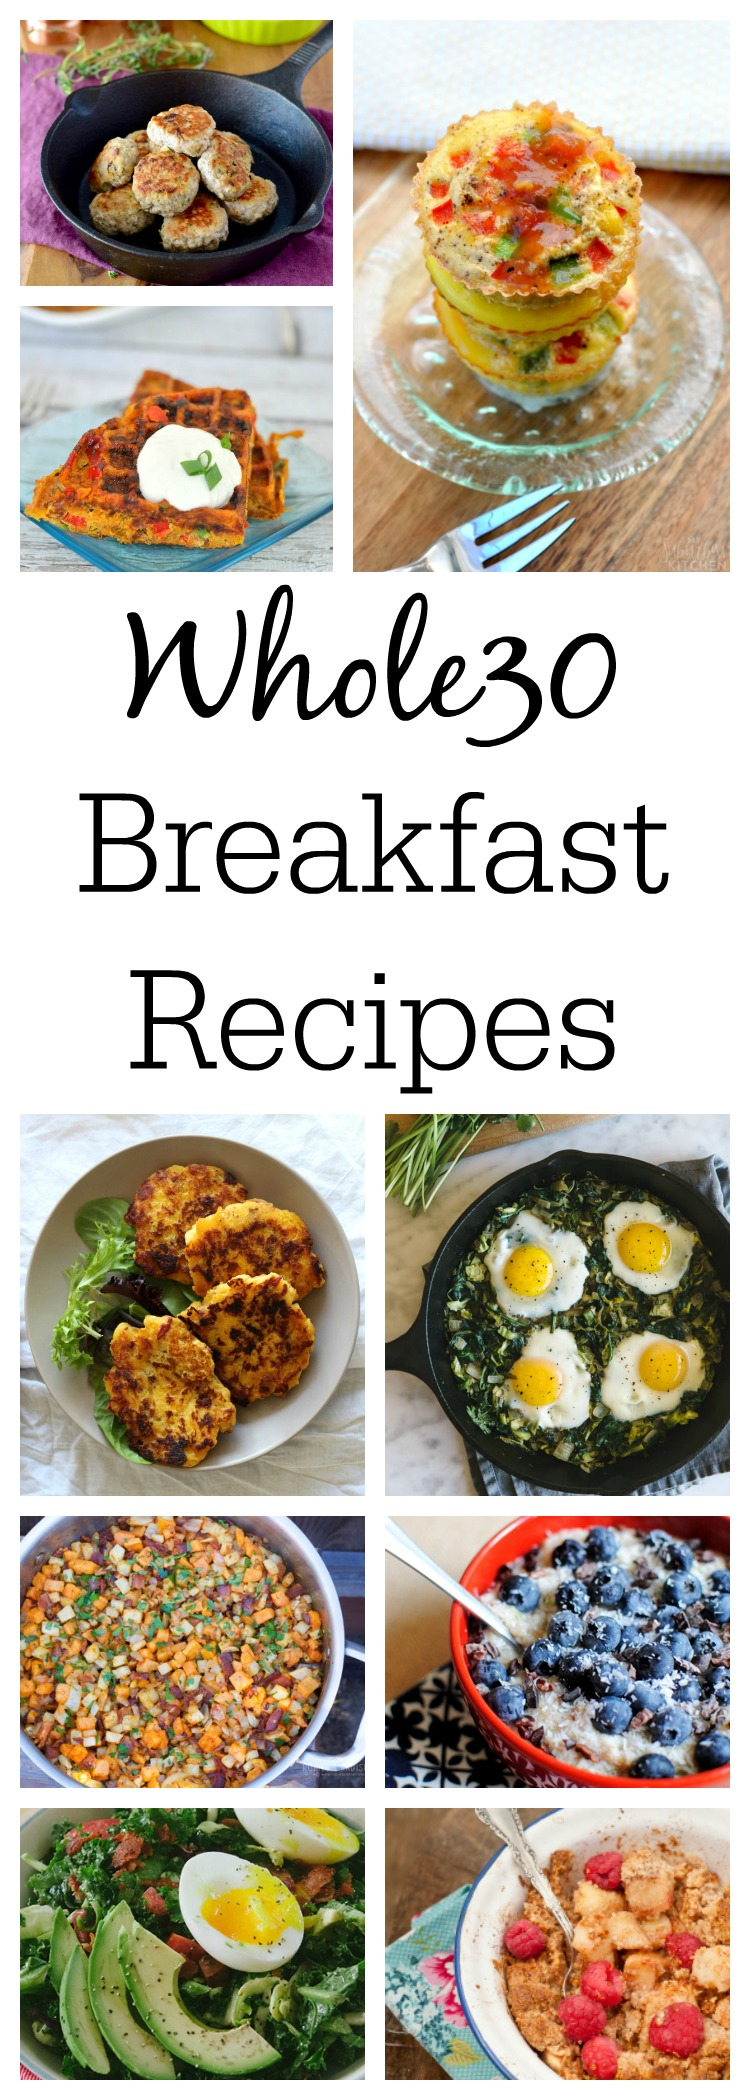 15 Whole30 Breakfast Recipes